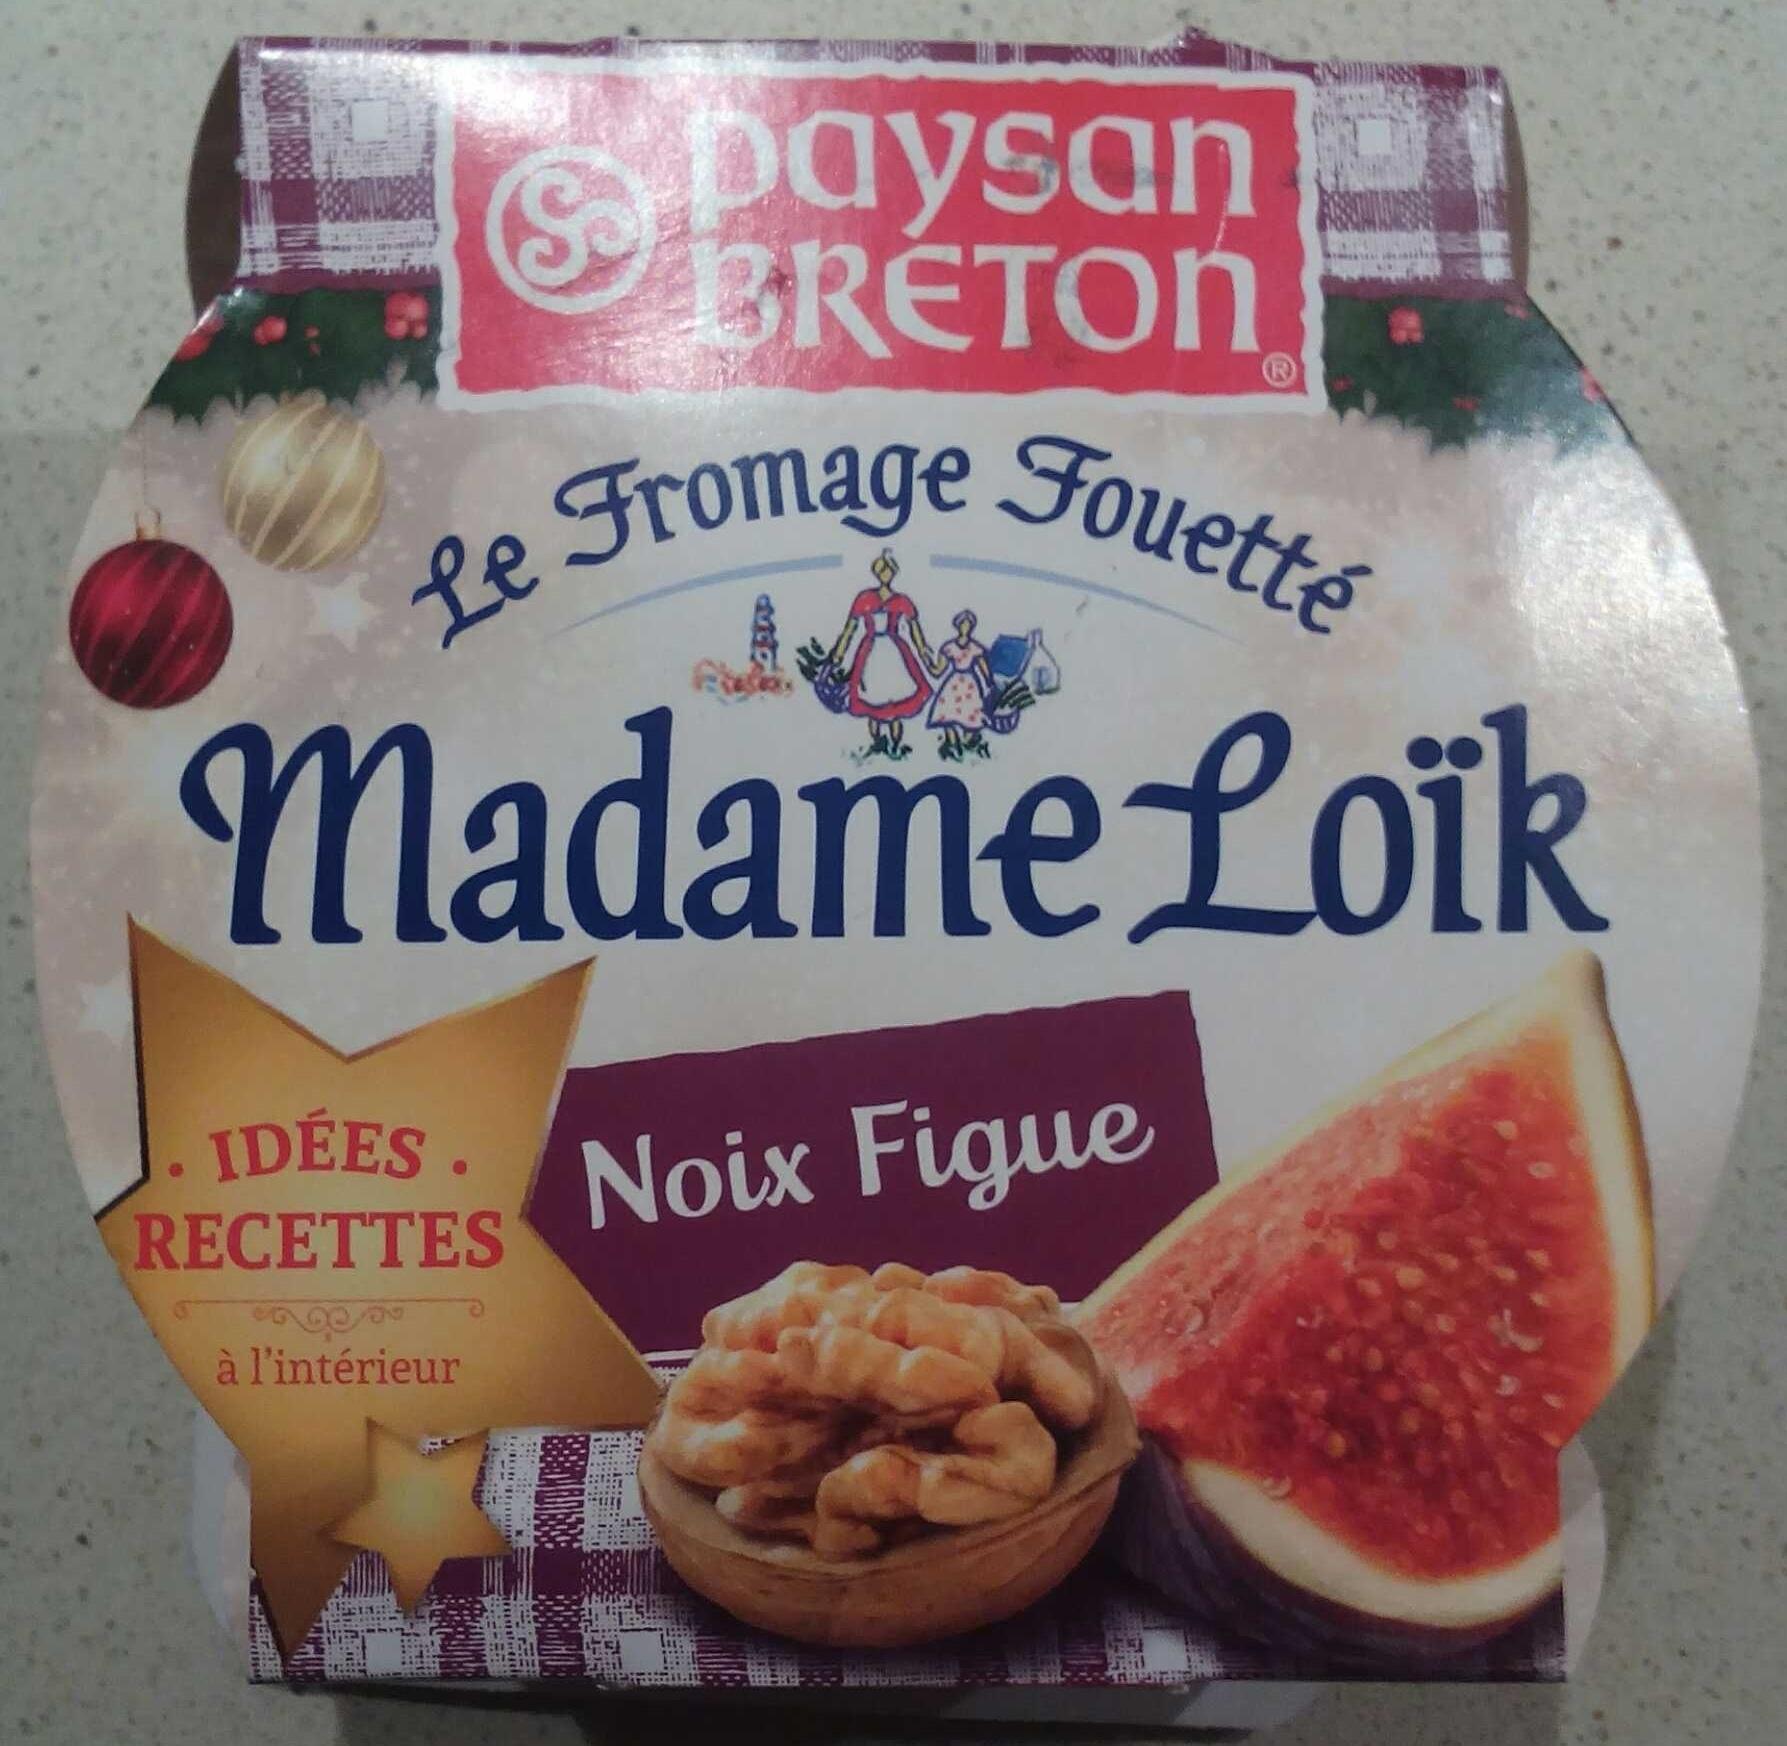 Le Fromage Fouetté Madame Loïk, Noix Figue (24% MG) - Produit - fr